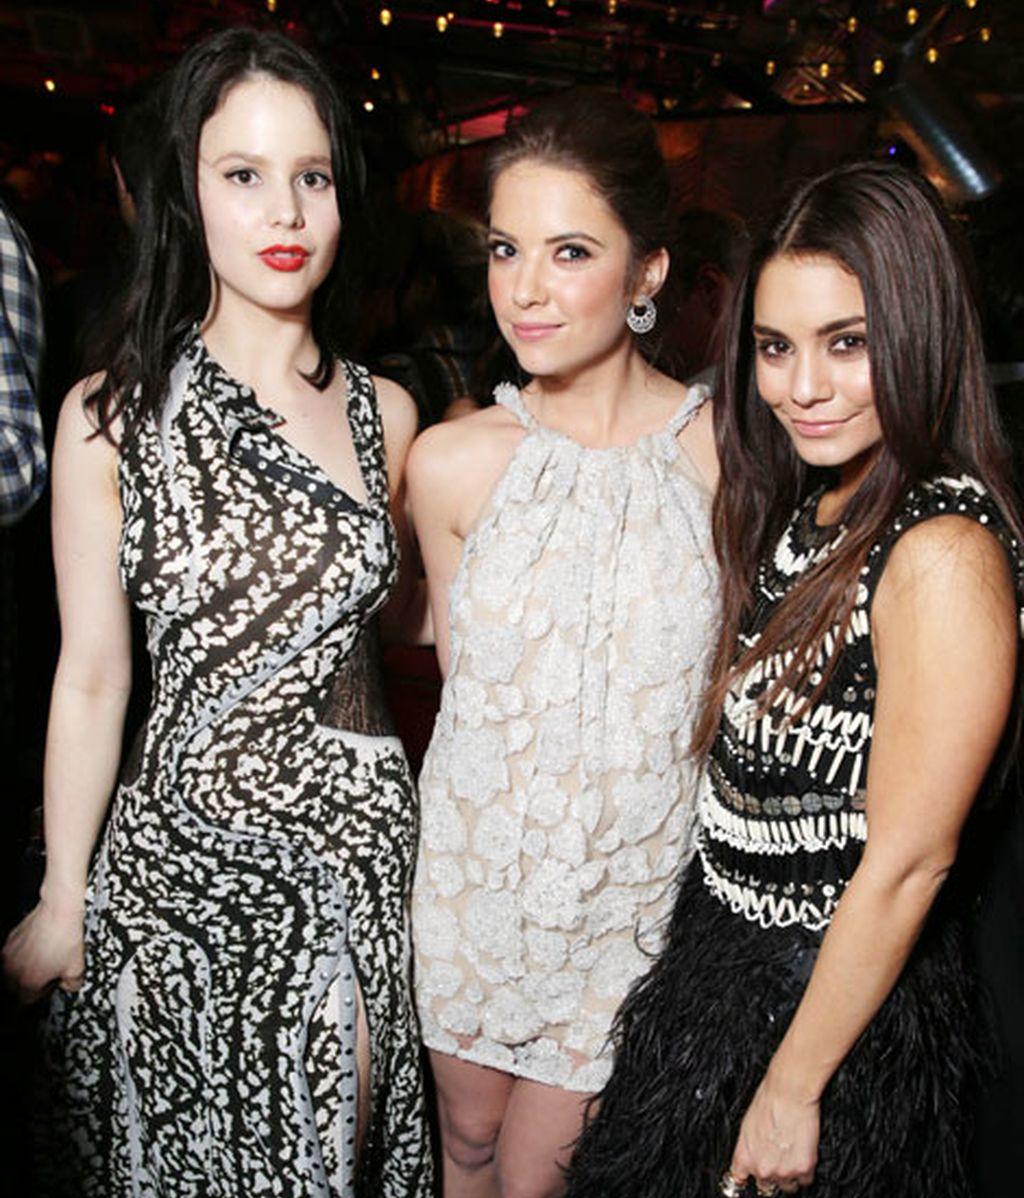 Rachel Korine, Ashley Benson y Vanessa Hudgens, tres protagonistas de la noche